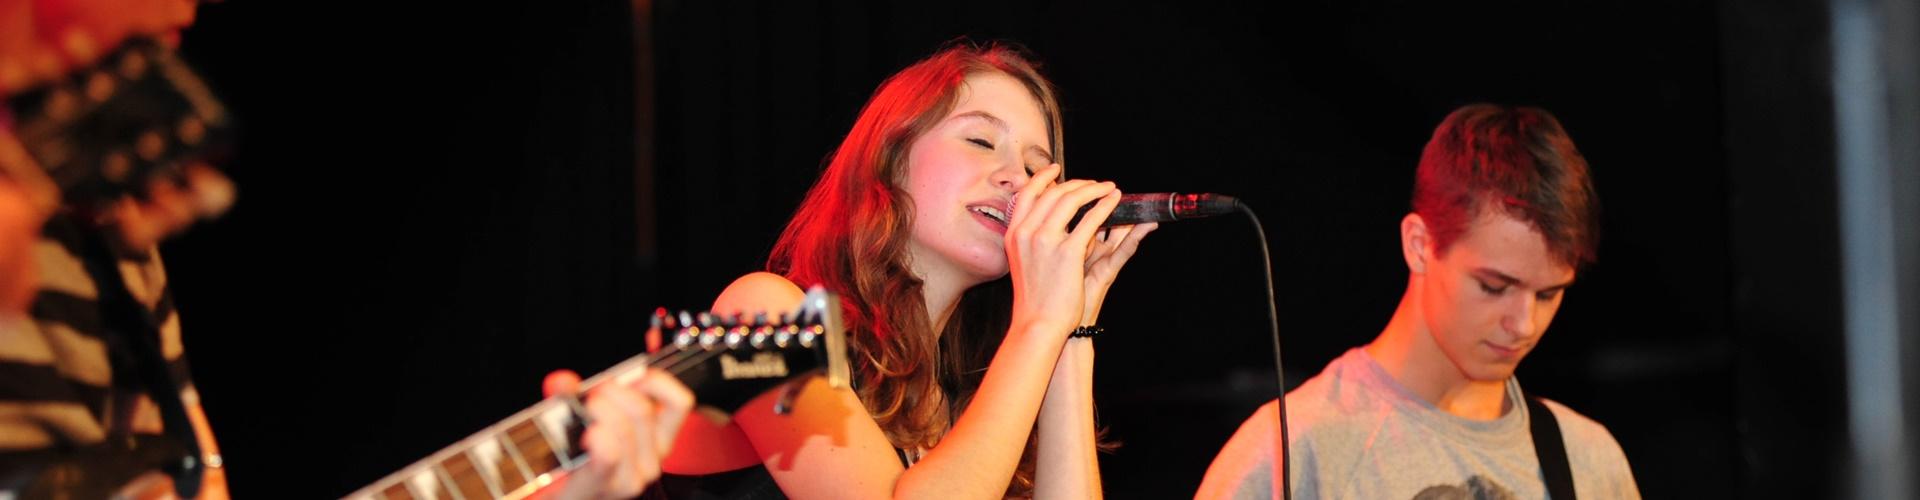 Gesang lernen, Gesangsunterricht